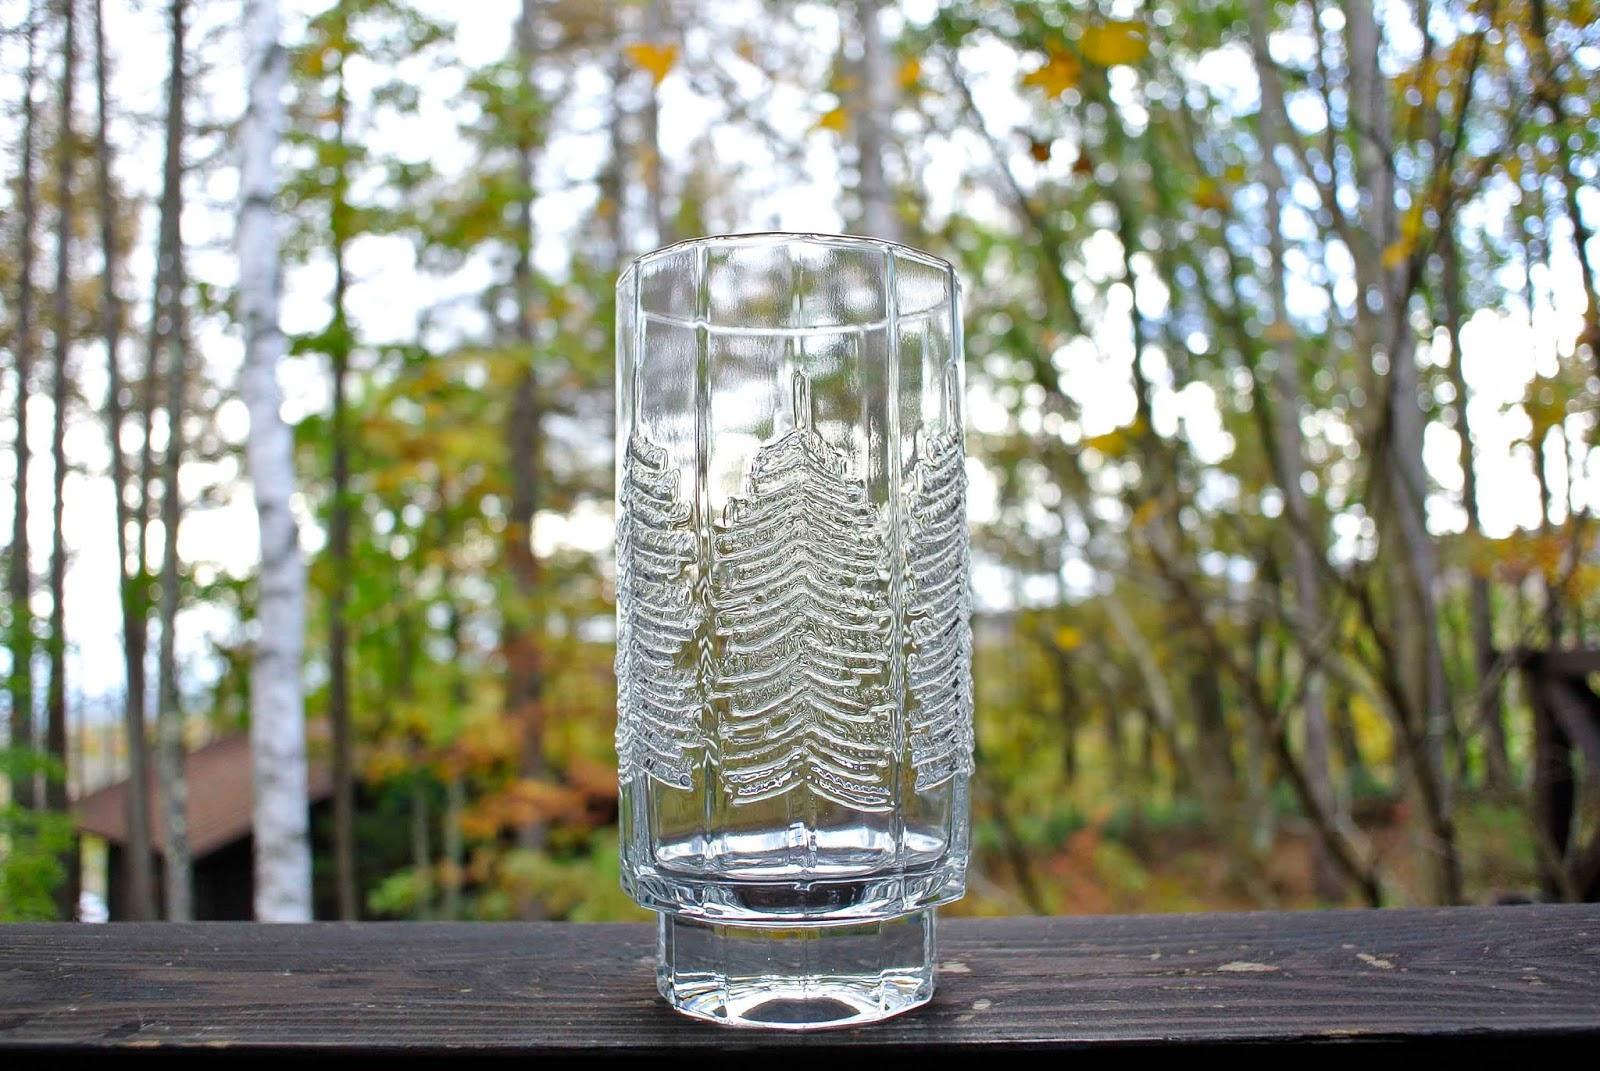 PIPPURIKERA blog: iittala KUUSI モミの木のガラスタンブラーが入荷しました お探しの方ぜひ^v^